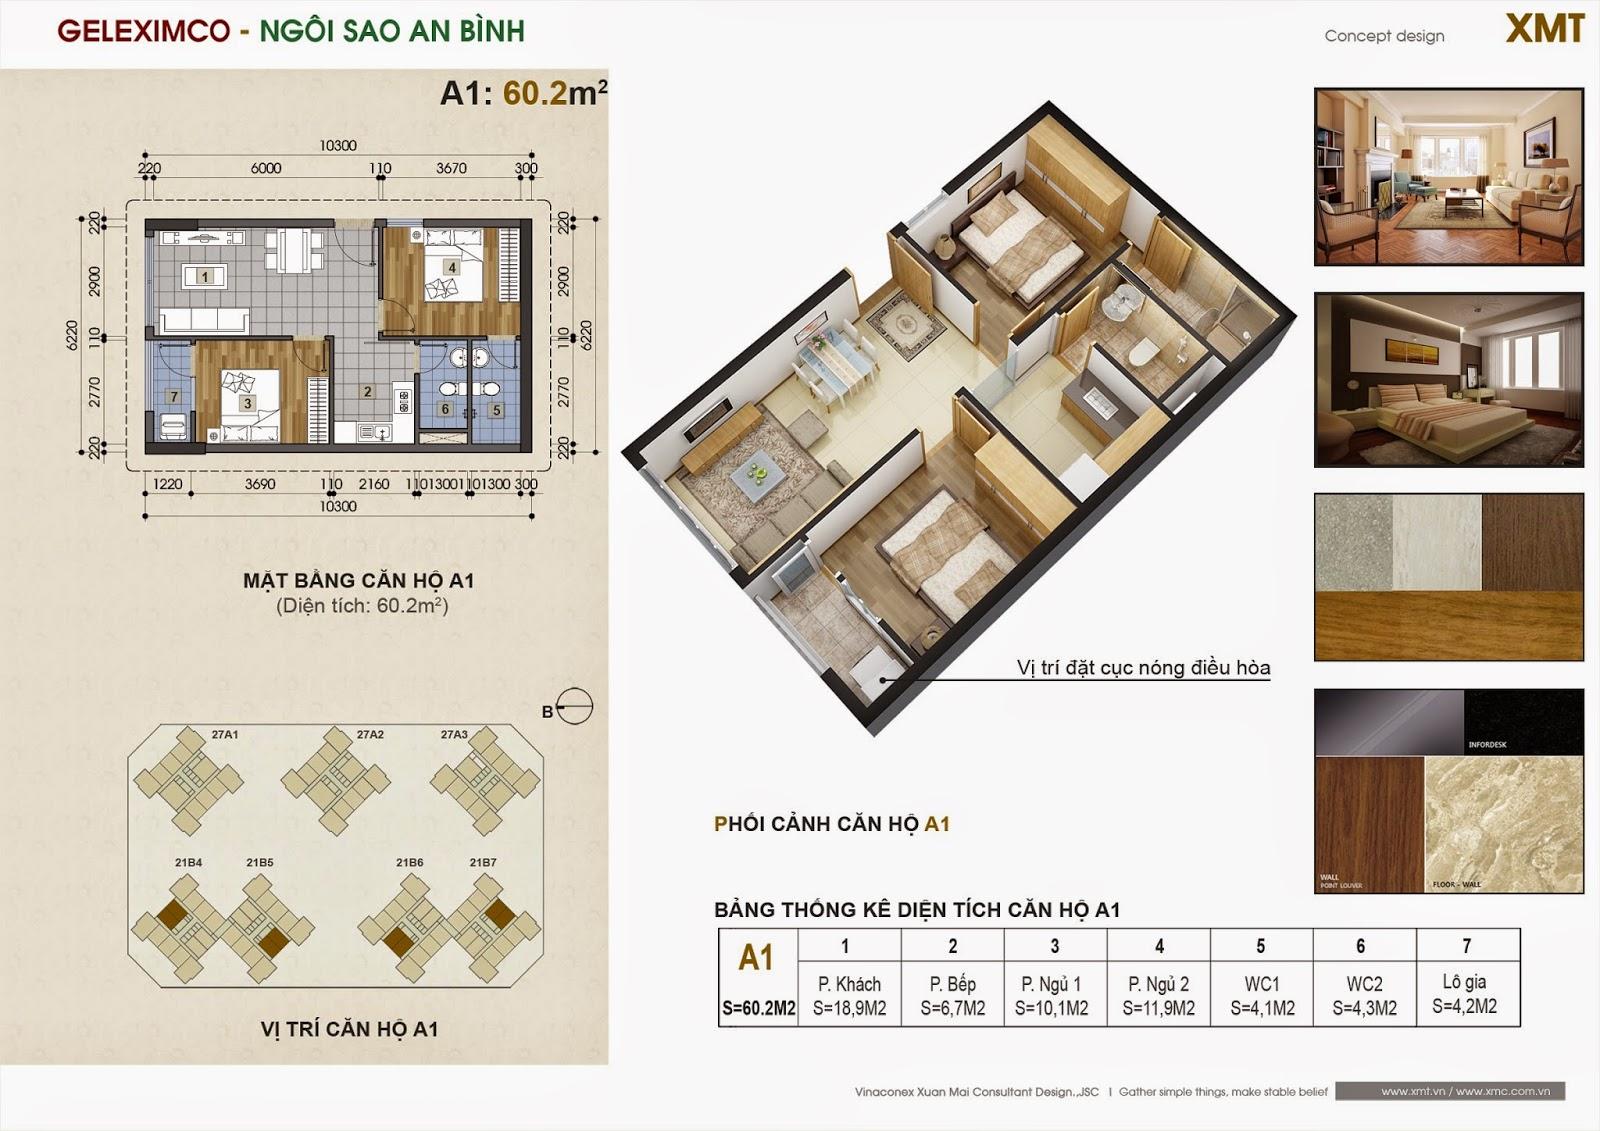 Chung cư Green Star - căn hộ 60.2m2